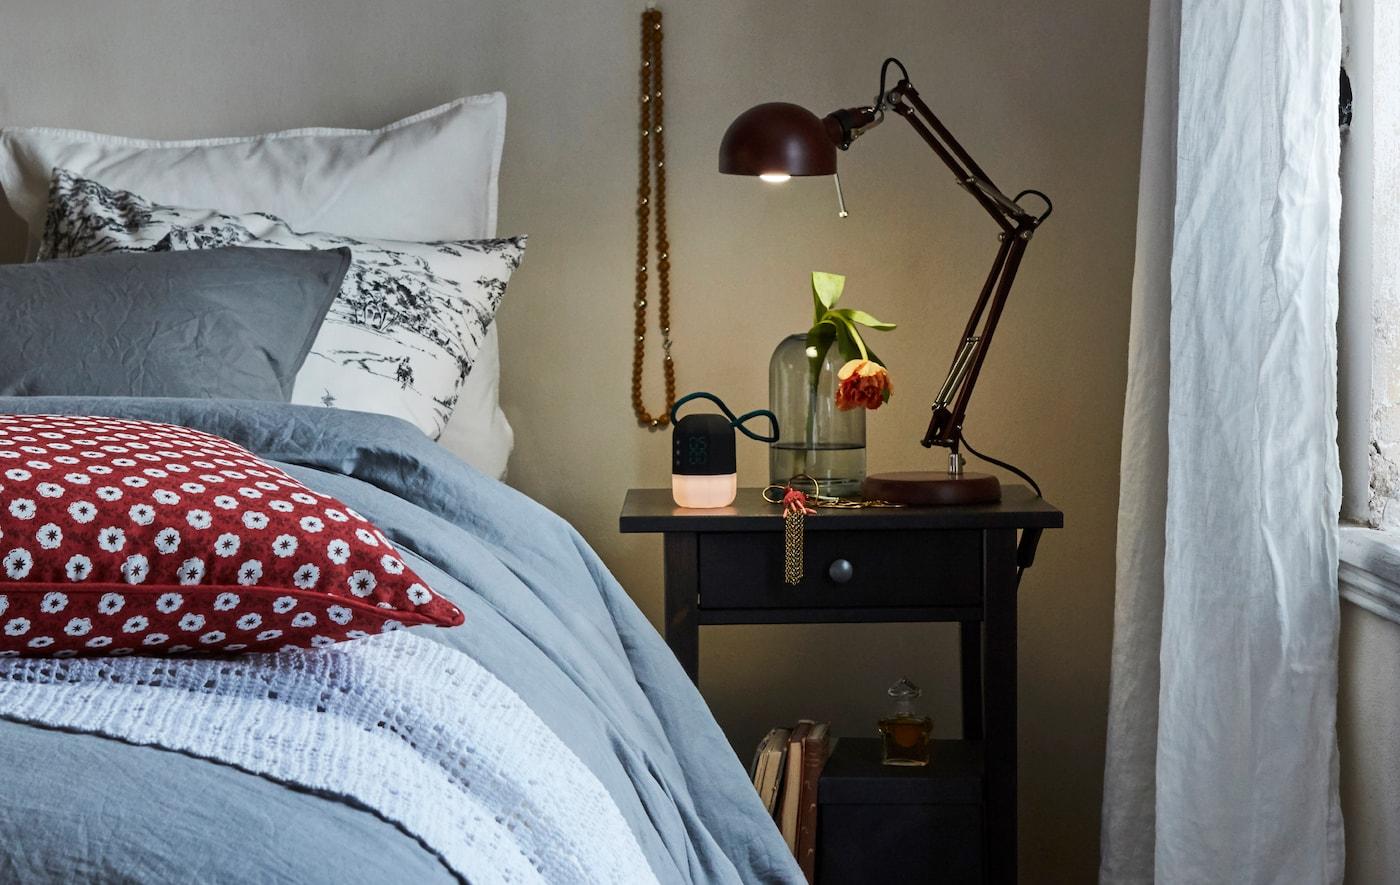 Pedatun sängyn vieressä yöpöydällä on työvalaisin, pieni maljakko ja sarastusvalo/herätyskello.